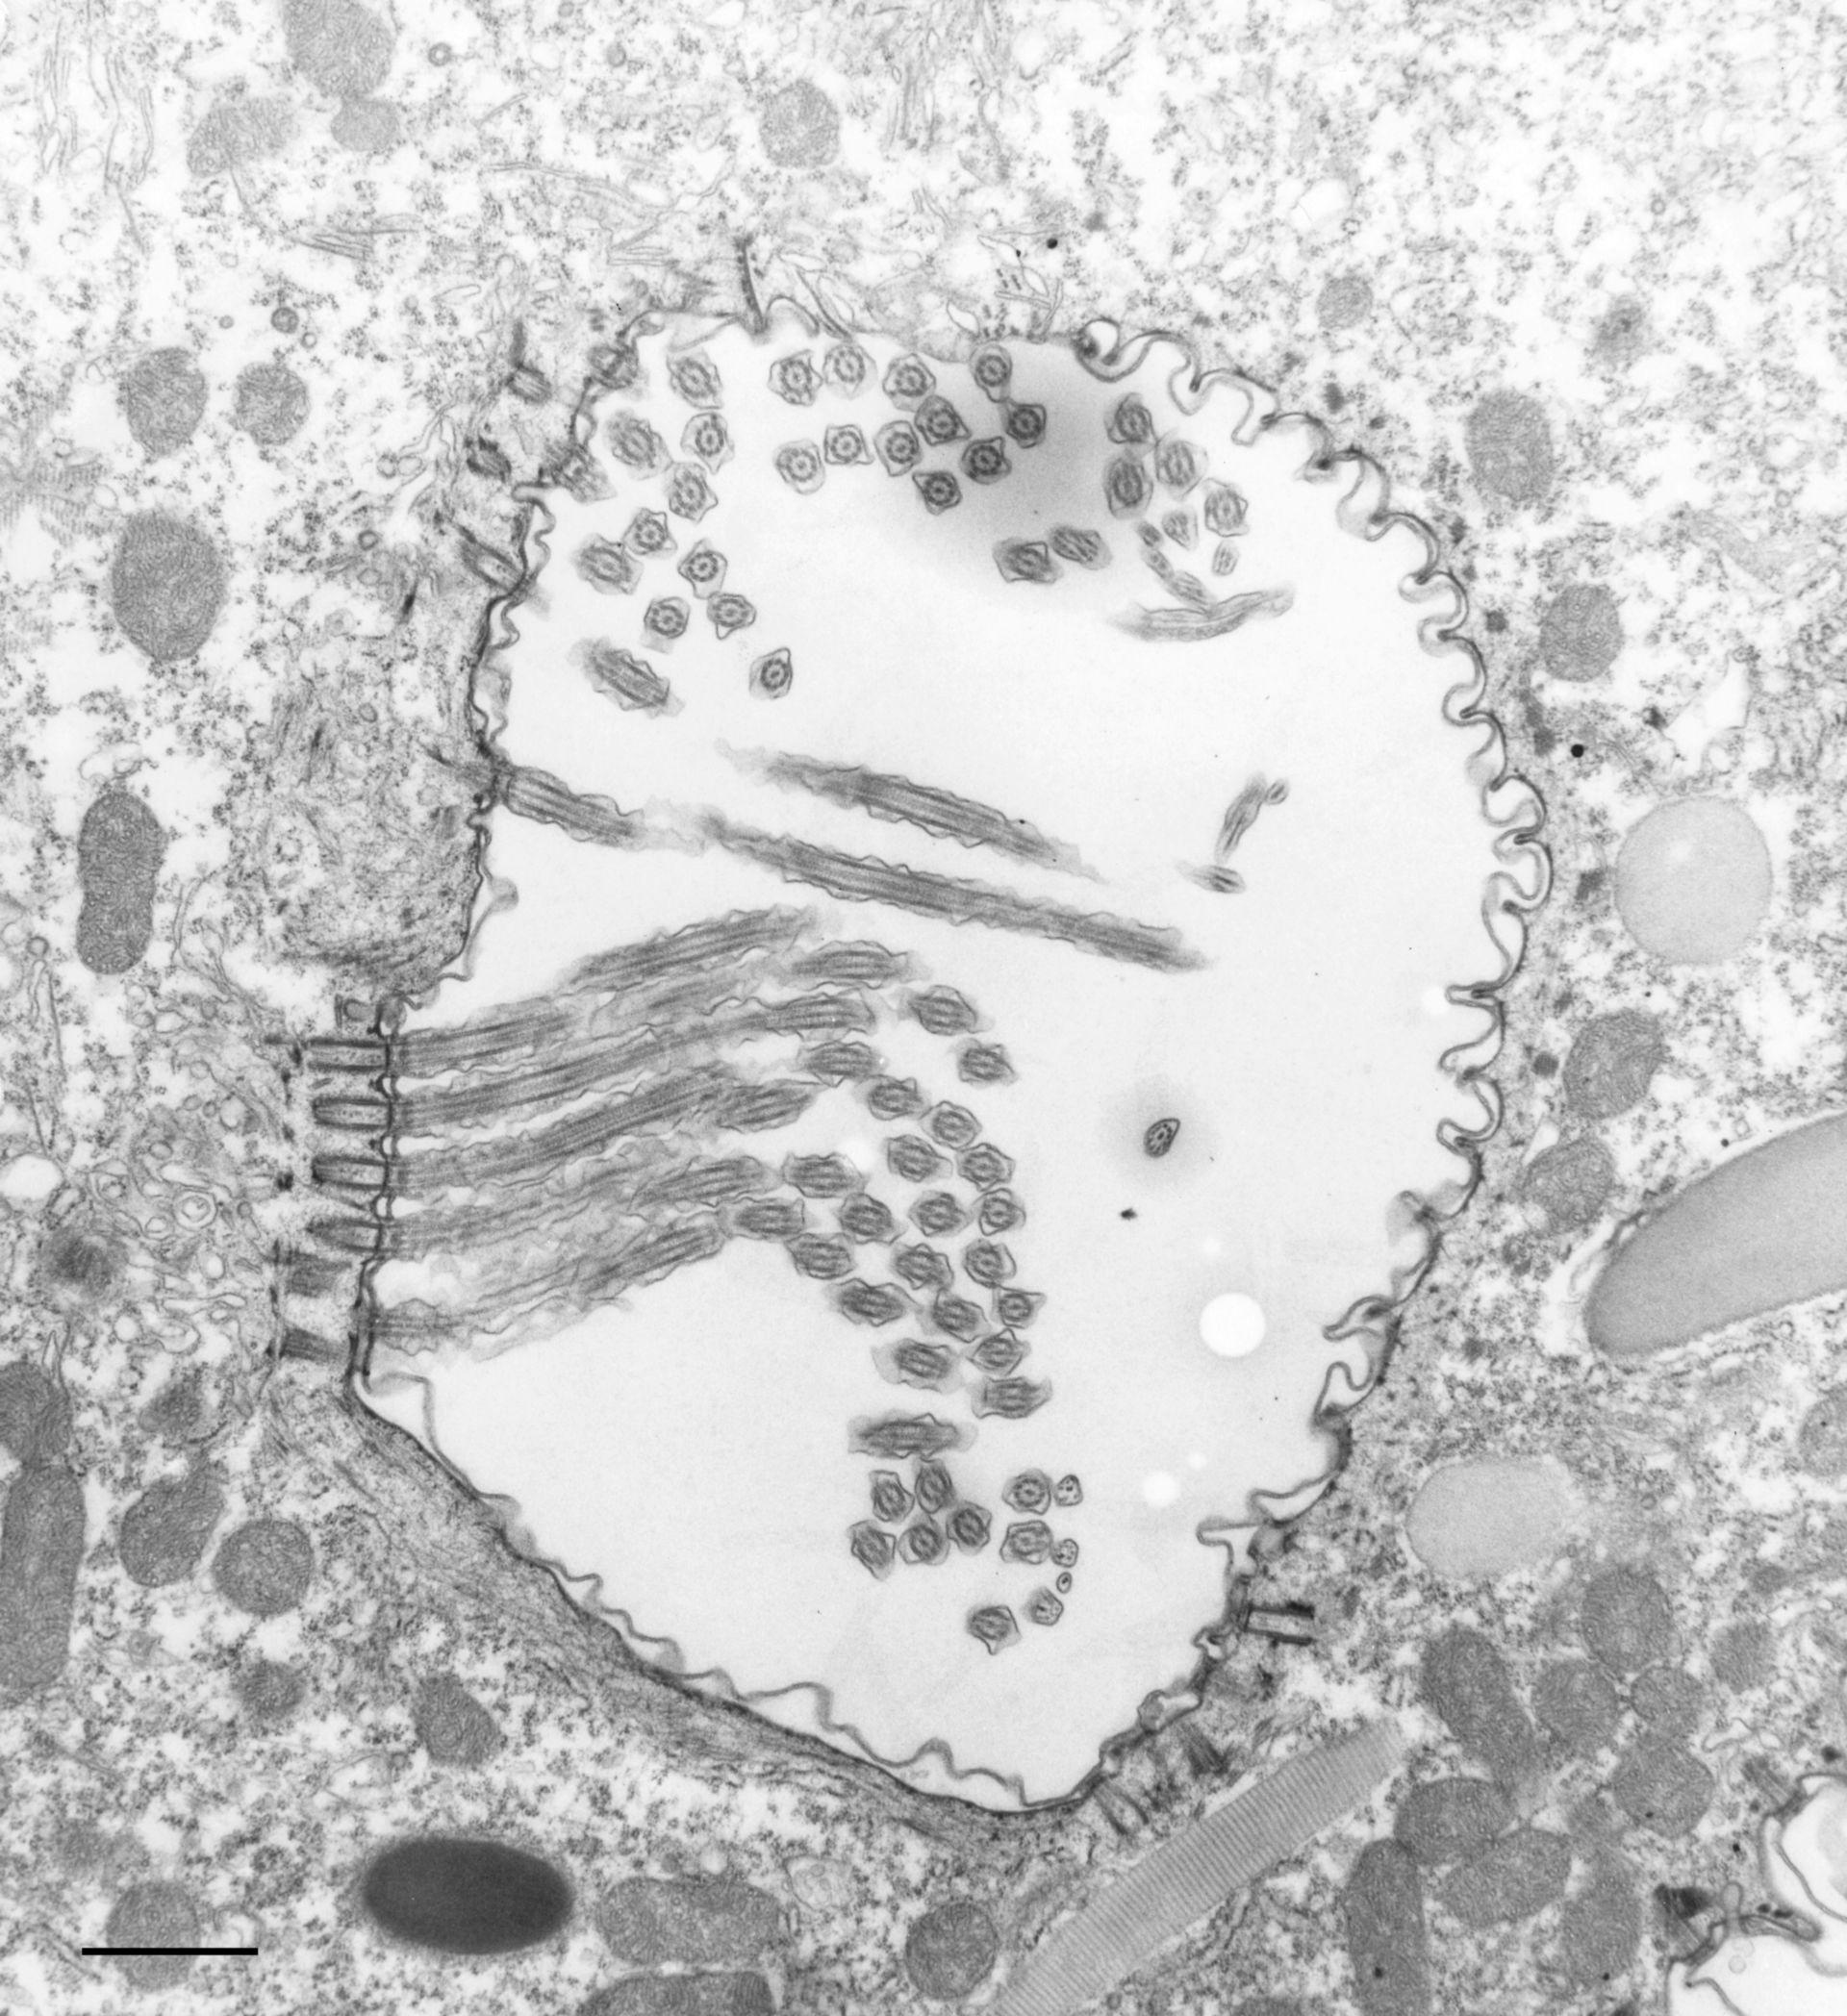 Paramecium caudatum (Oral apparatus) - CIL:36775